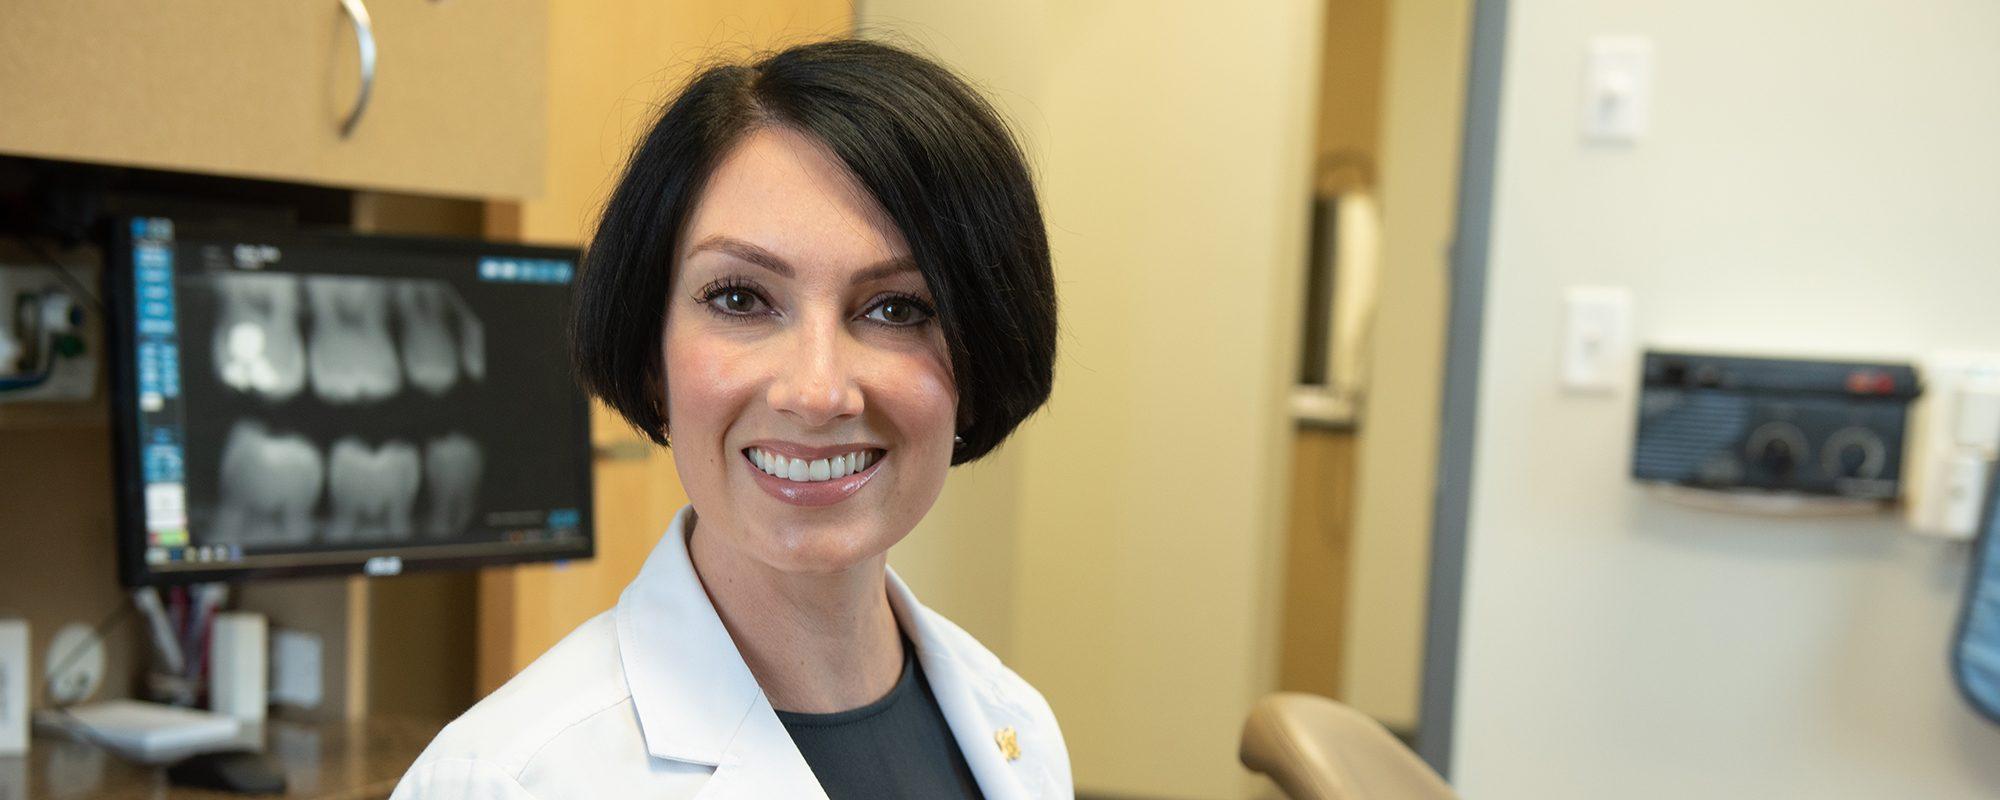 Dr. Erin Lutz, DDS